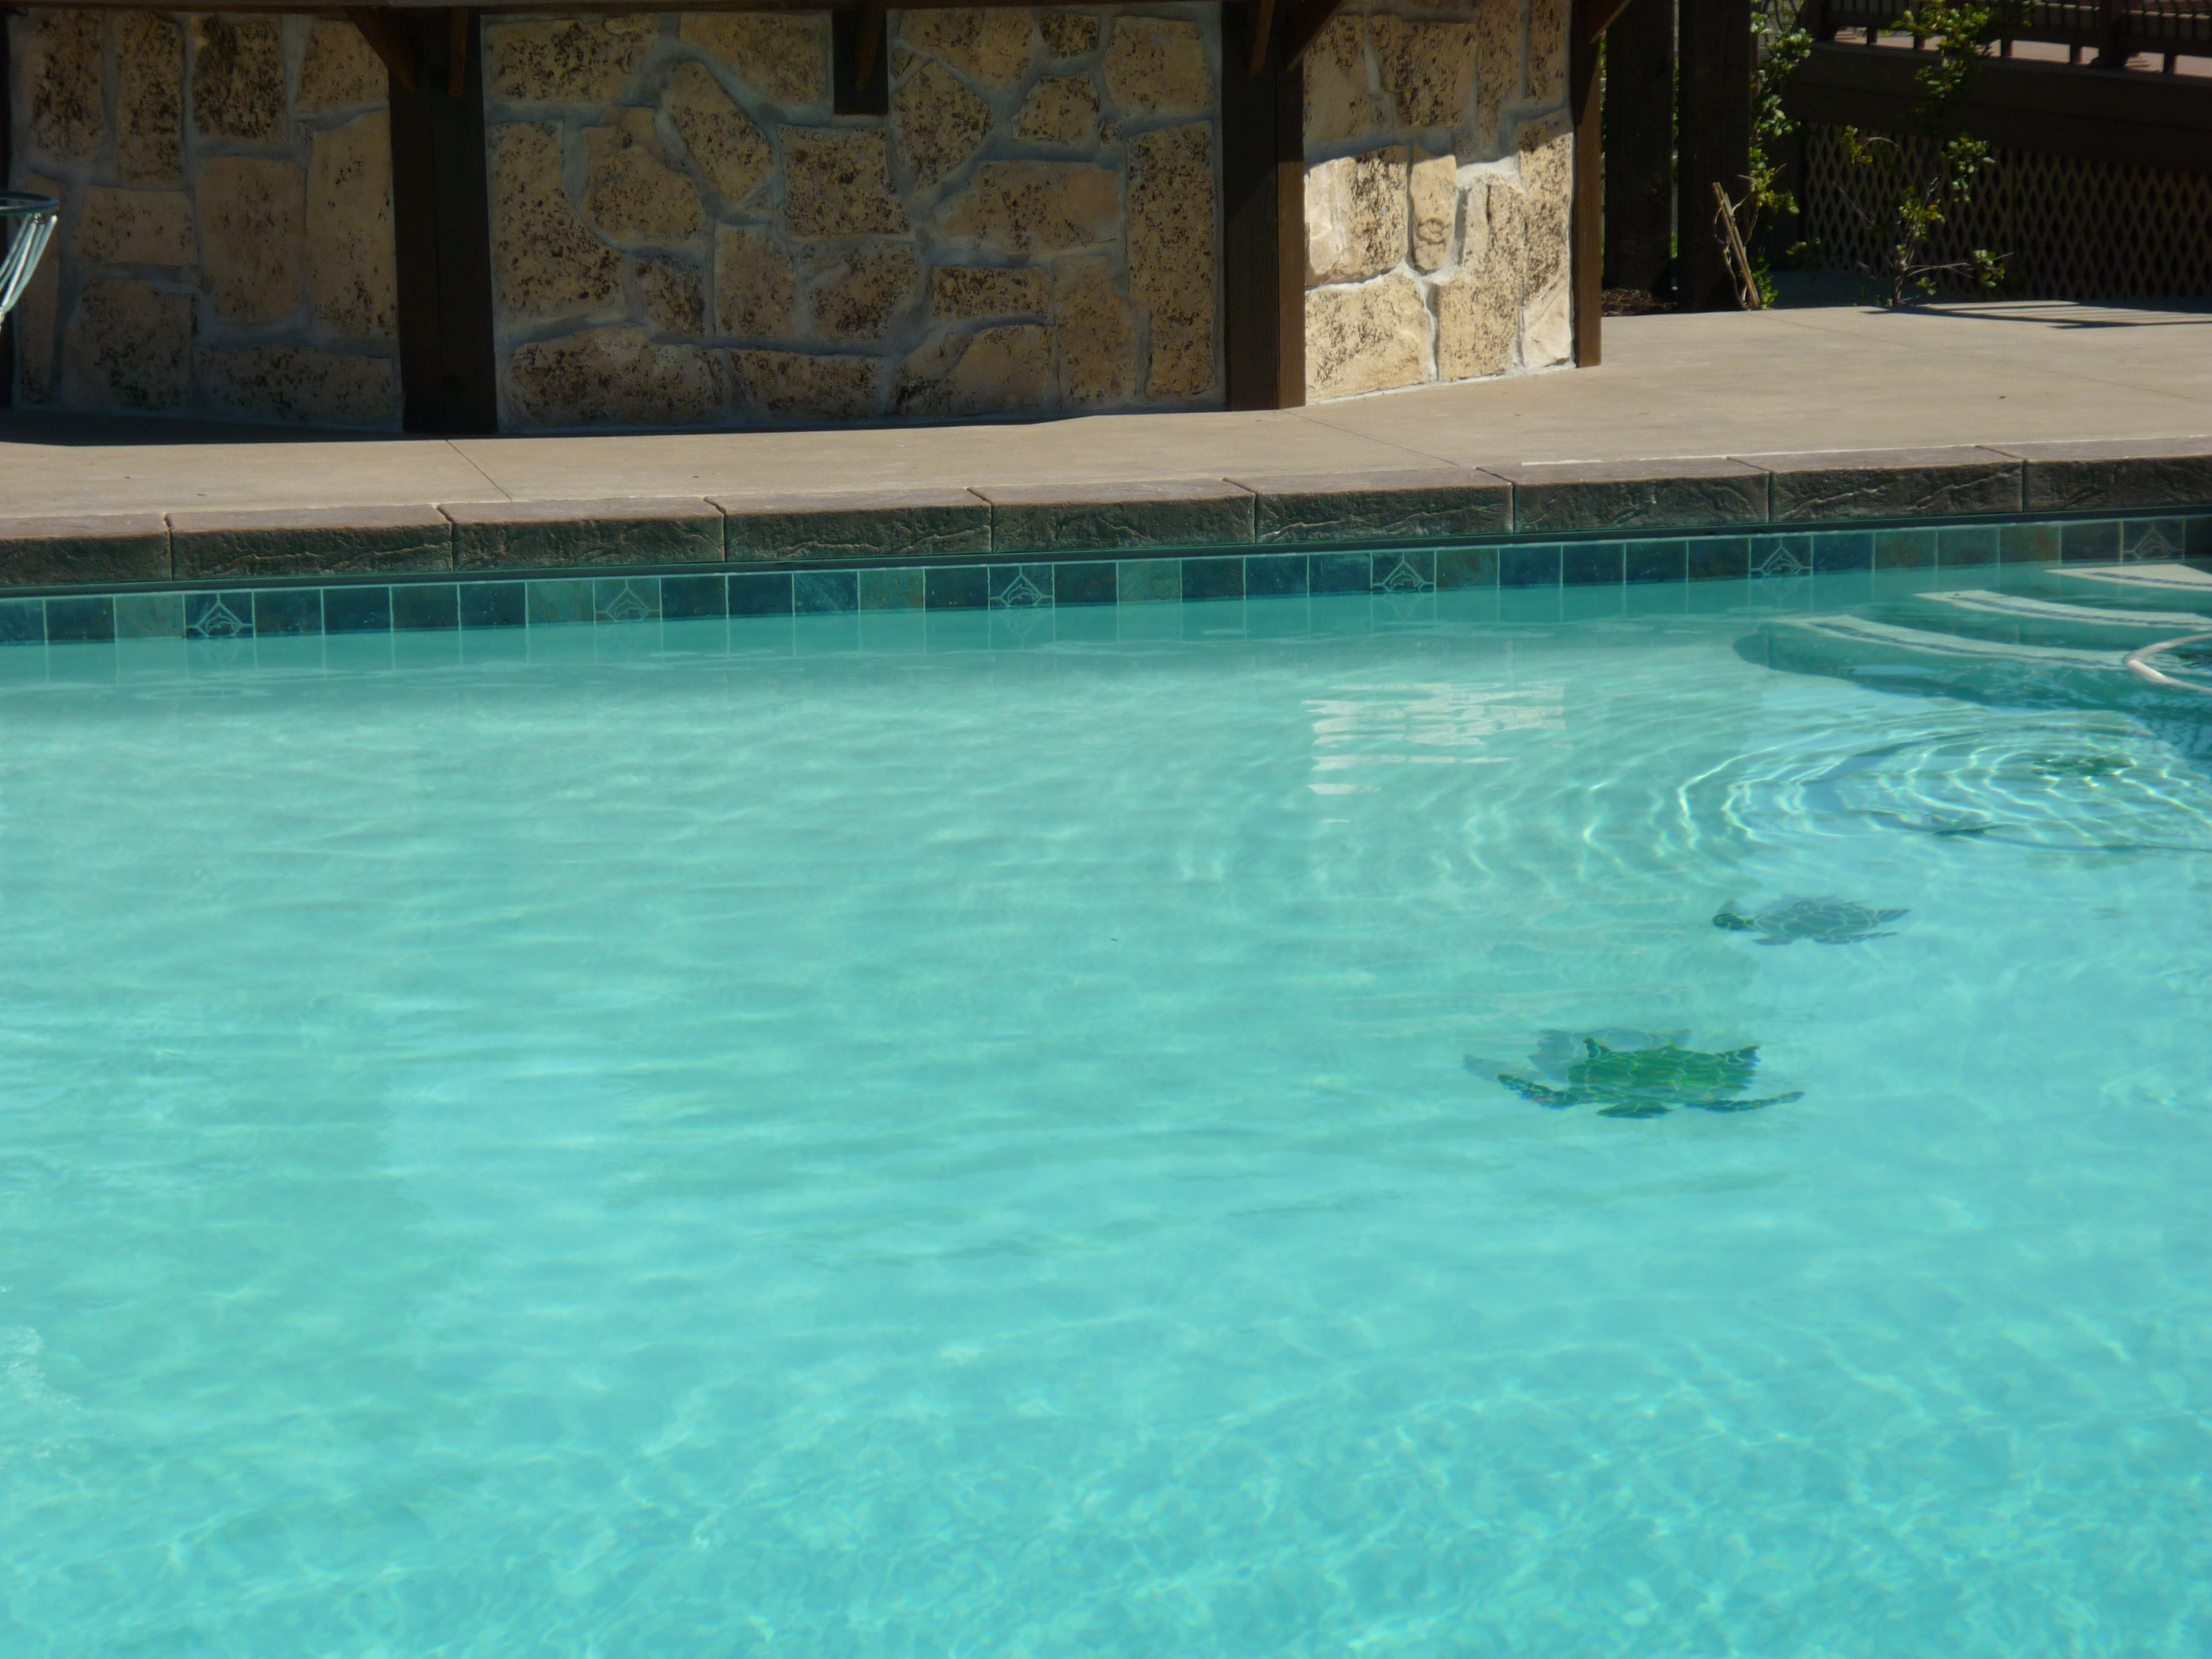 Utah Gunite Pools And Slide Companies In Utah Chris Jensen Landscaping In Salt Lake City And